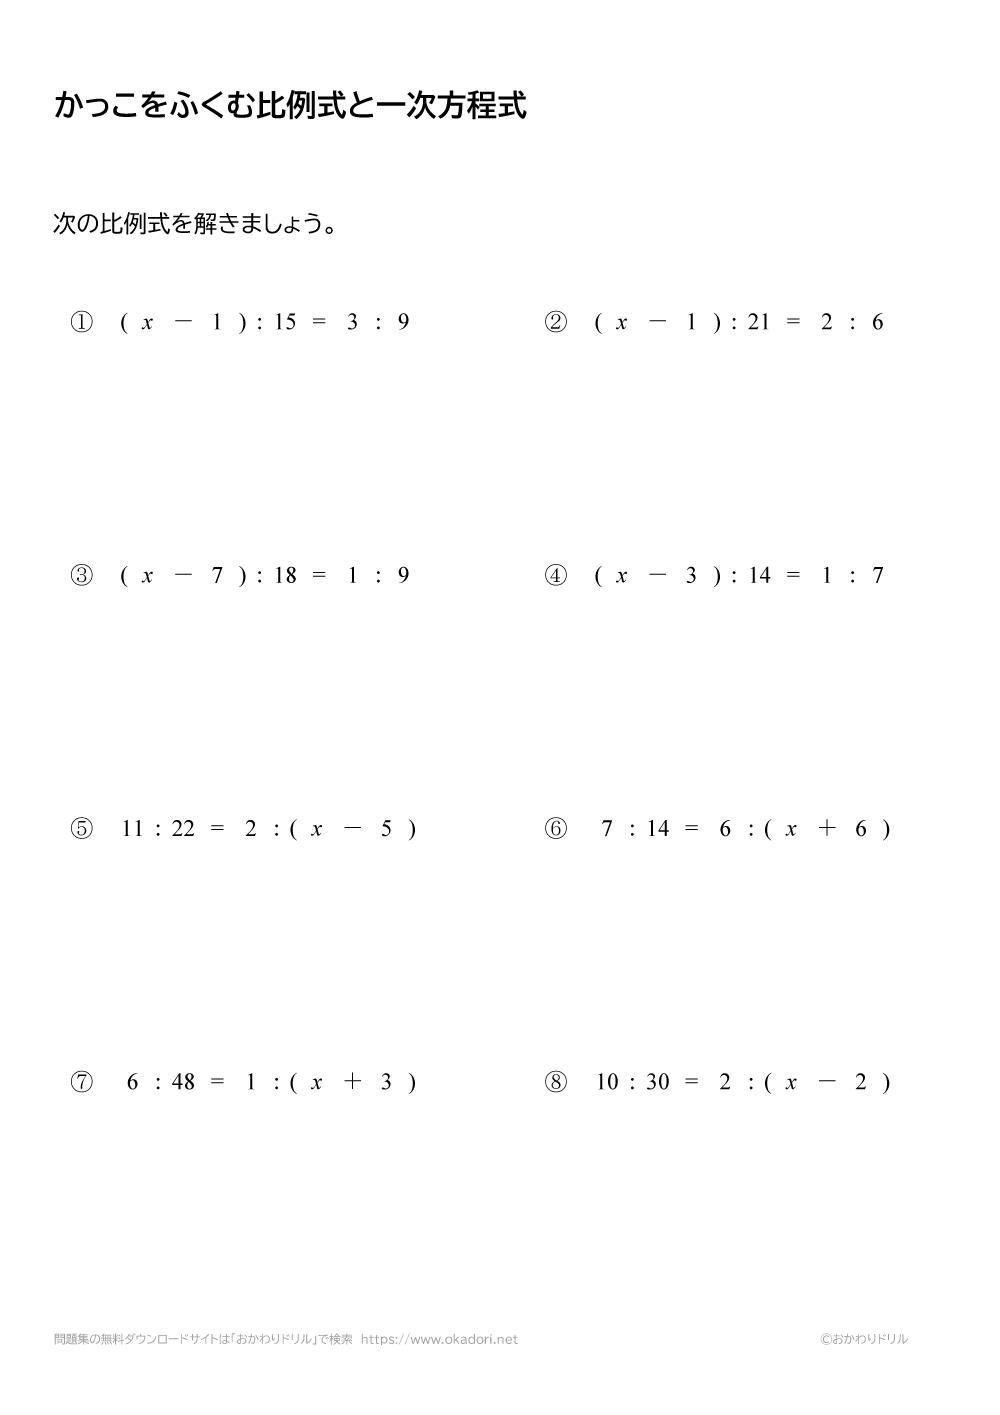 かっこを含む比例式と一次方程式5